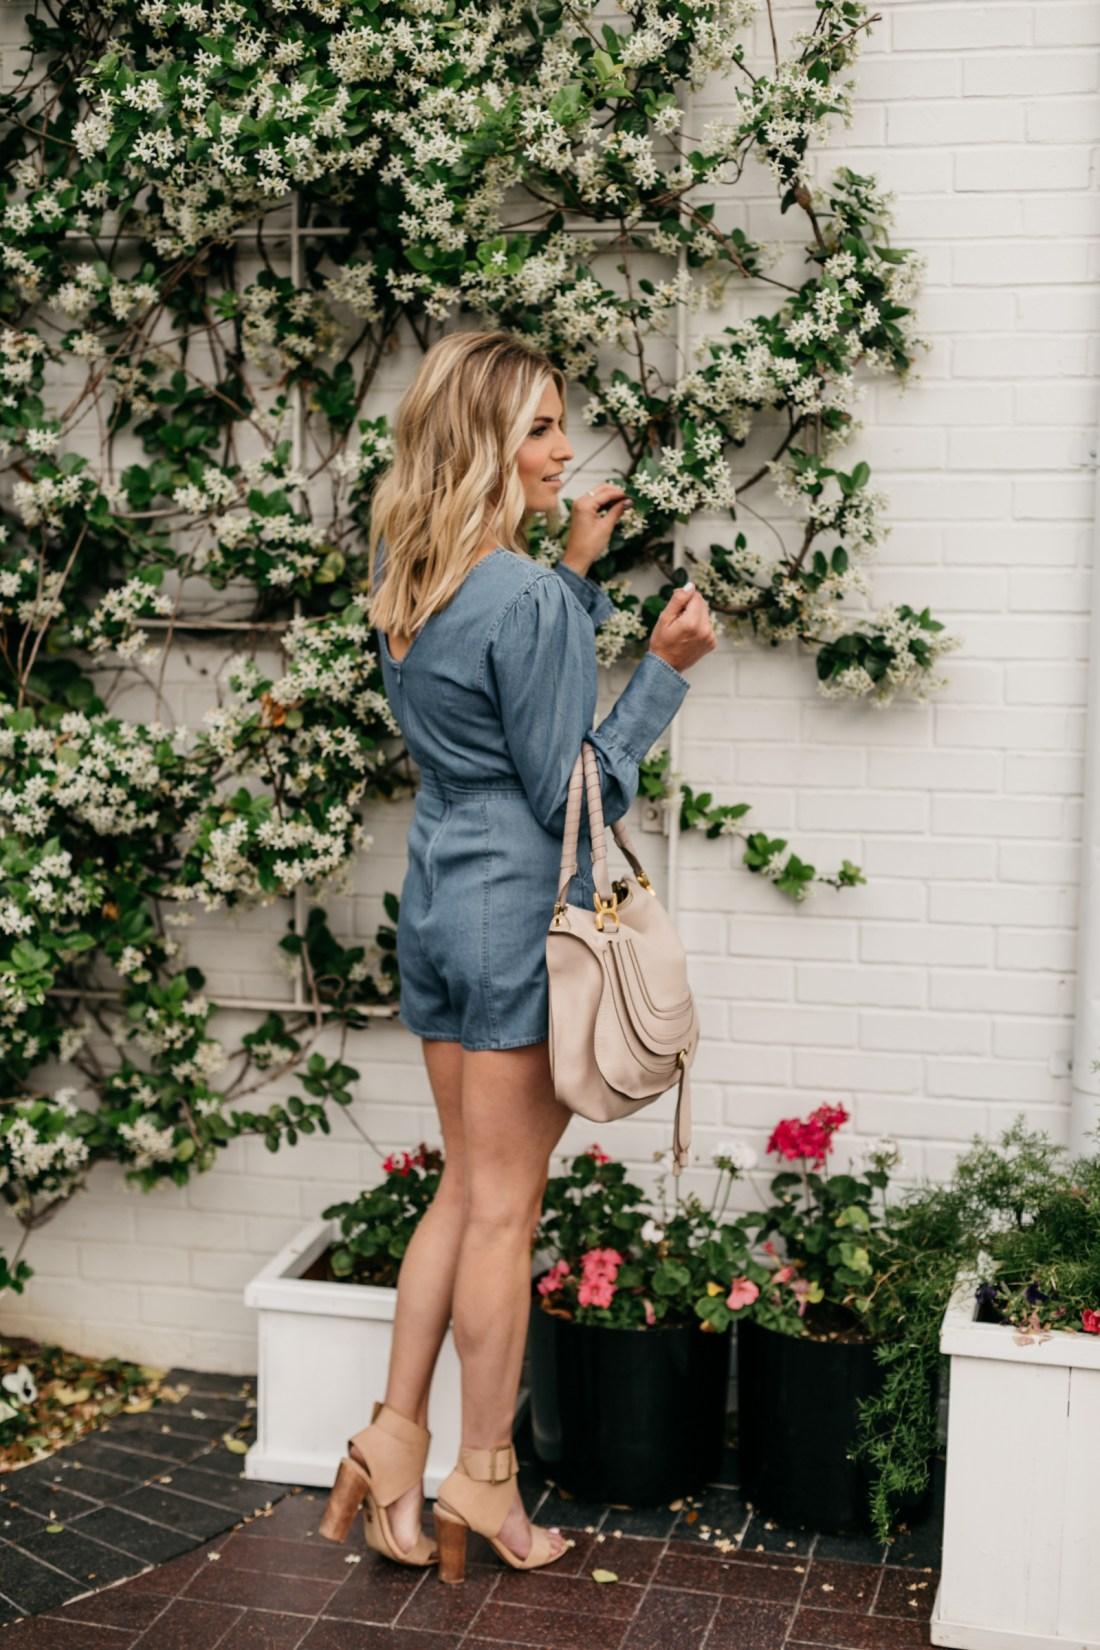 Spring Rompers on the blog - Brooke's outfit details: Denim Romper // Nude Block Heels // Chloe Marcie Handbag